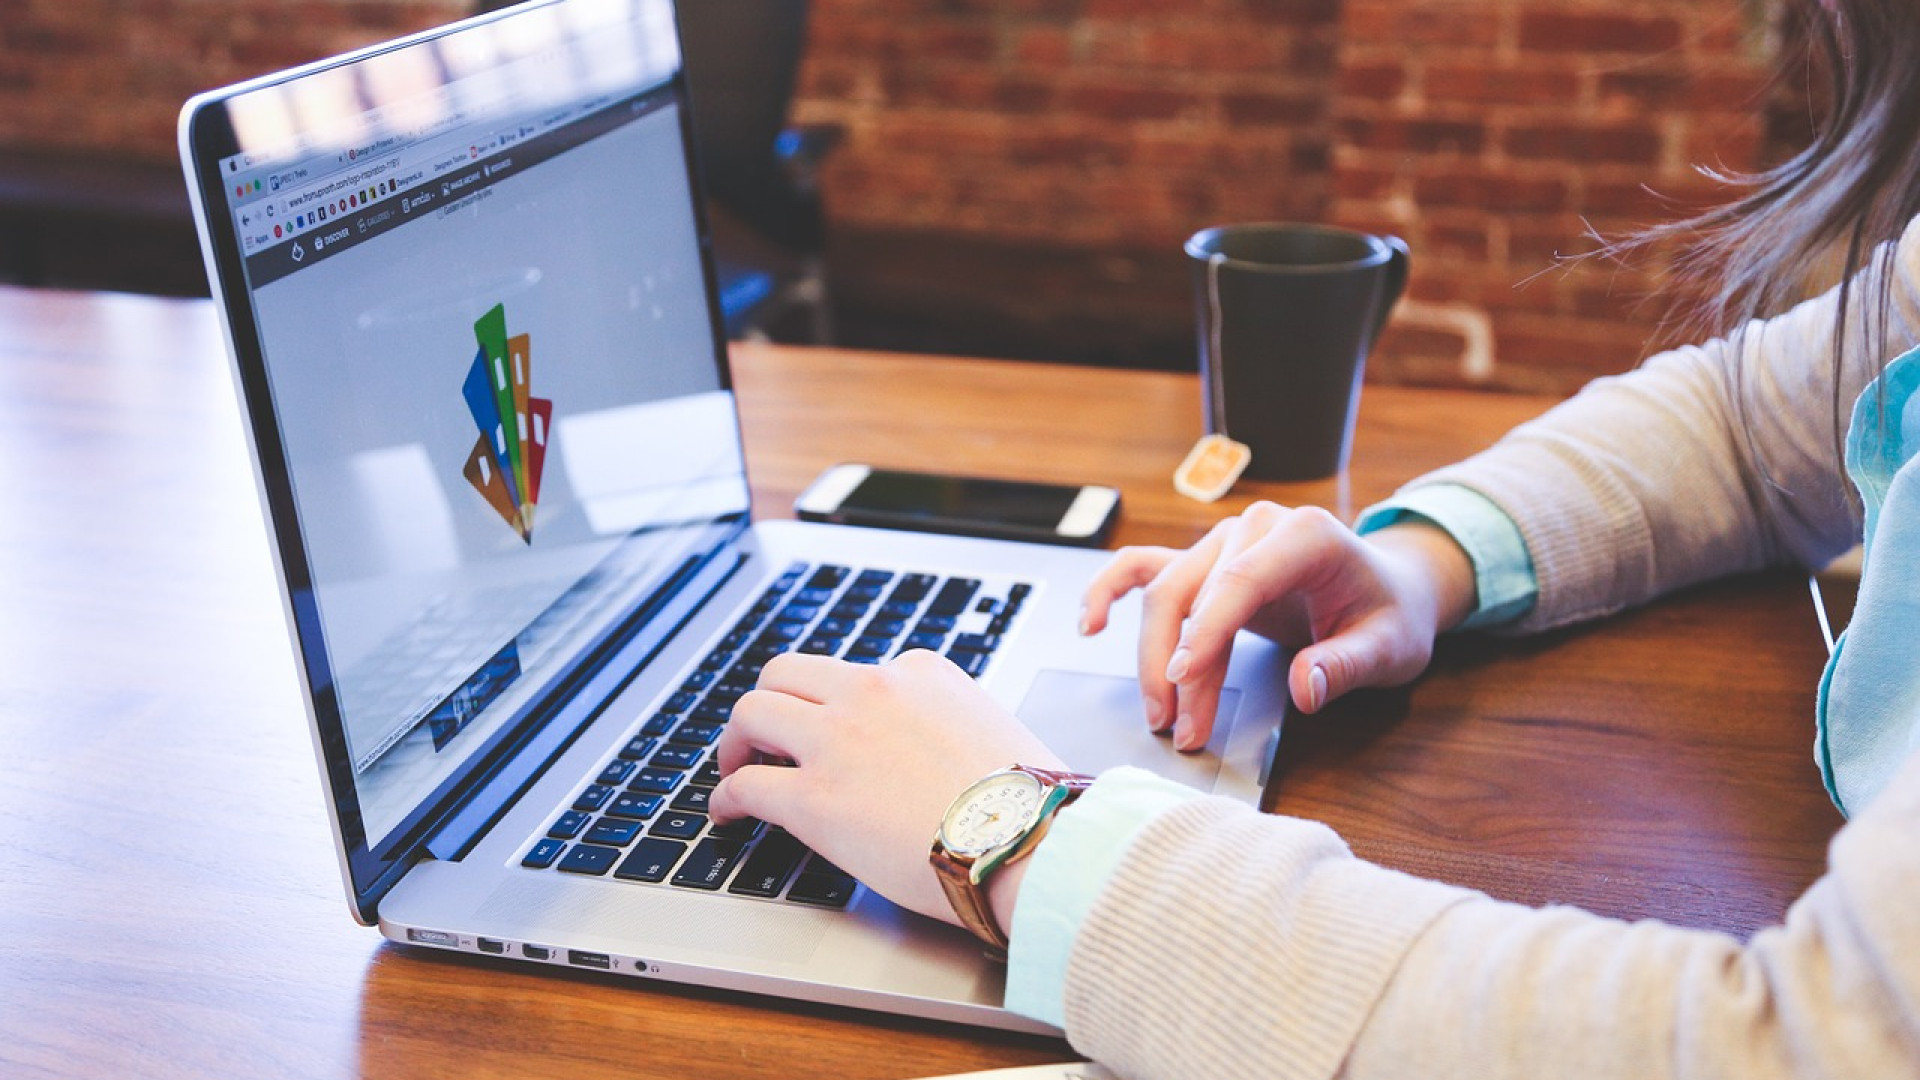 Comment établir une stratégie de communication digitale ?